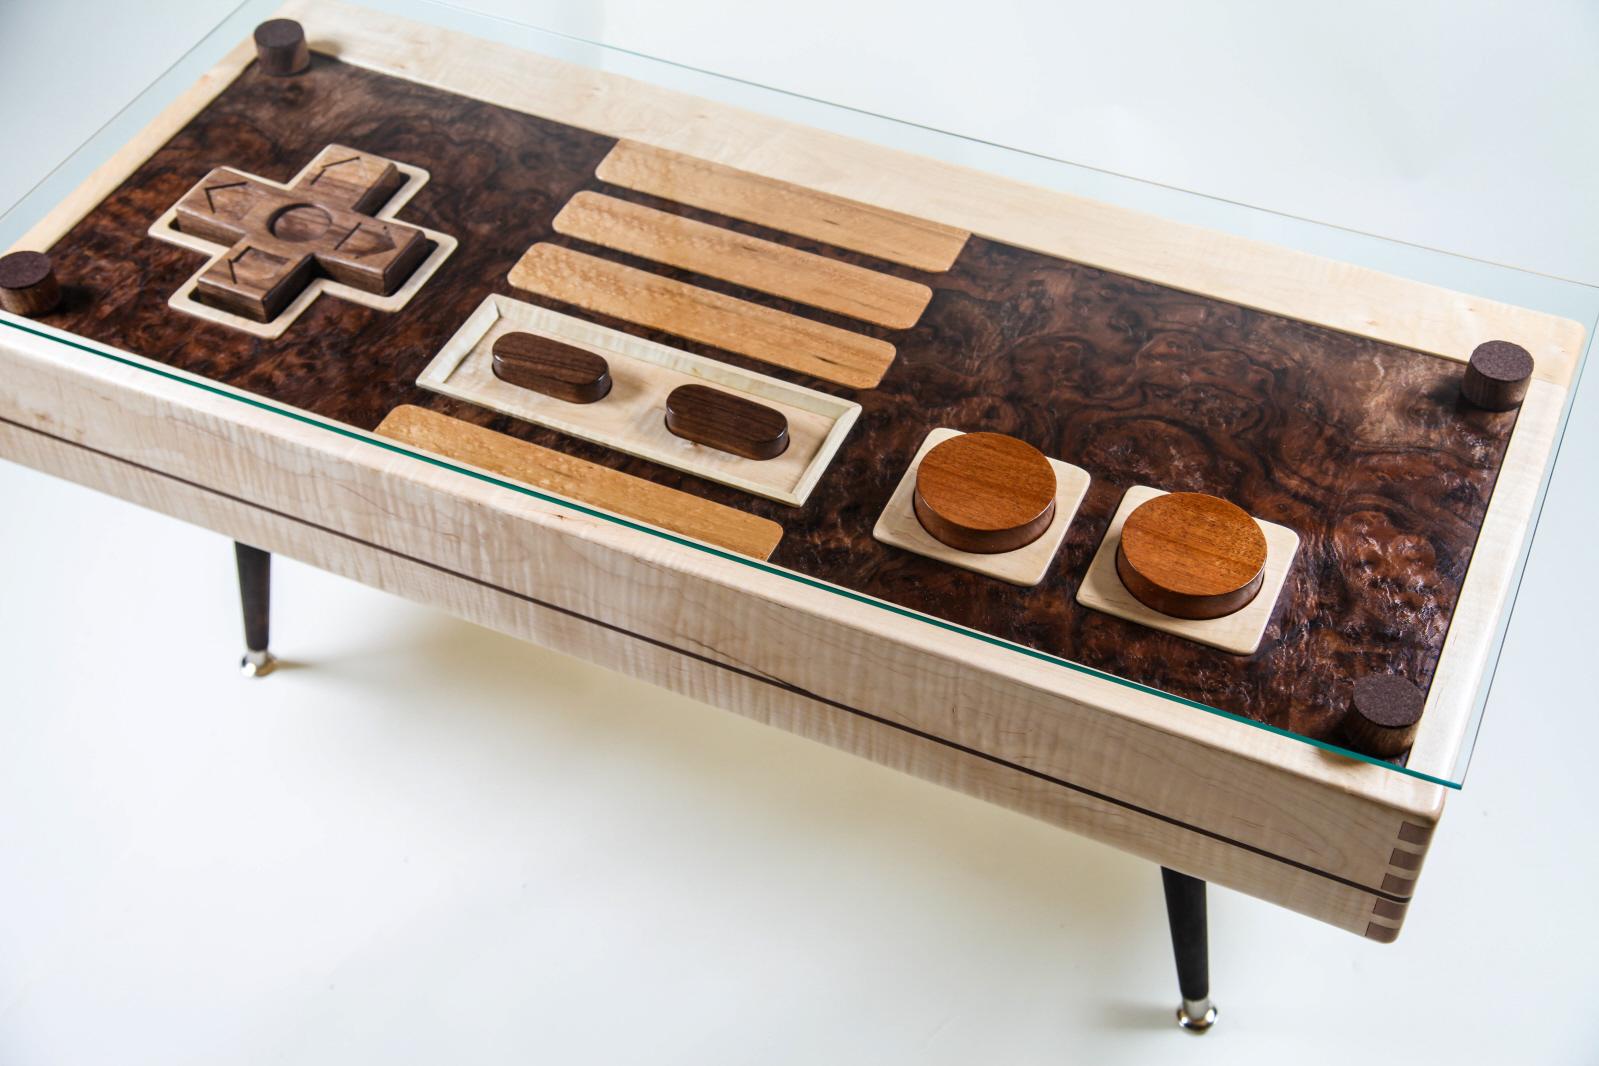 Des meubles geek pour d corer sa maison cuboak - Decorer sa maison minecraft ...